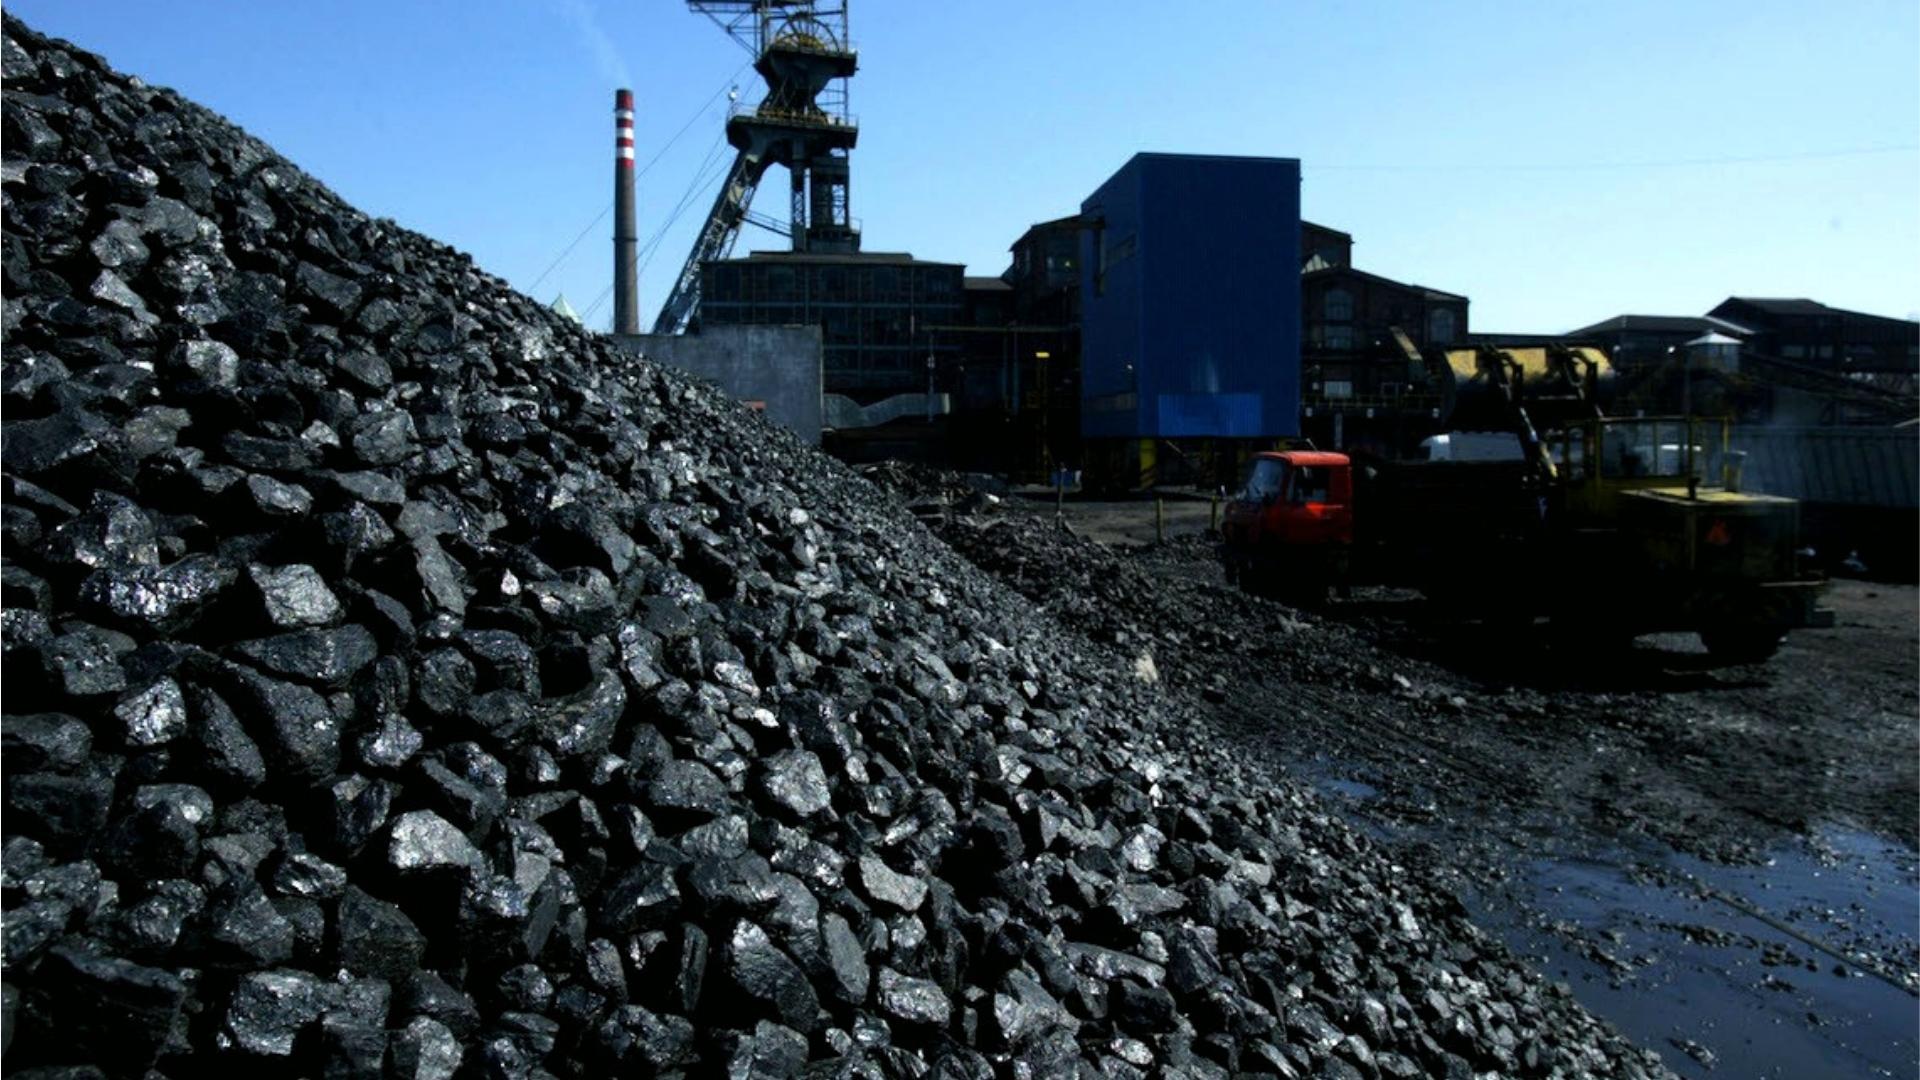 carbone-energia.jpg